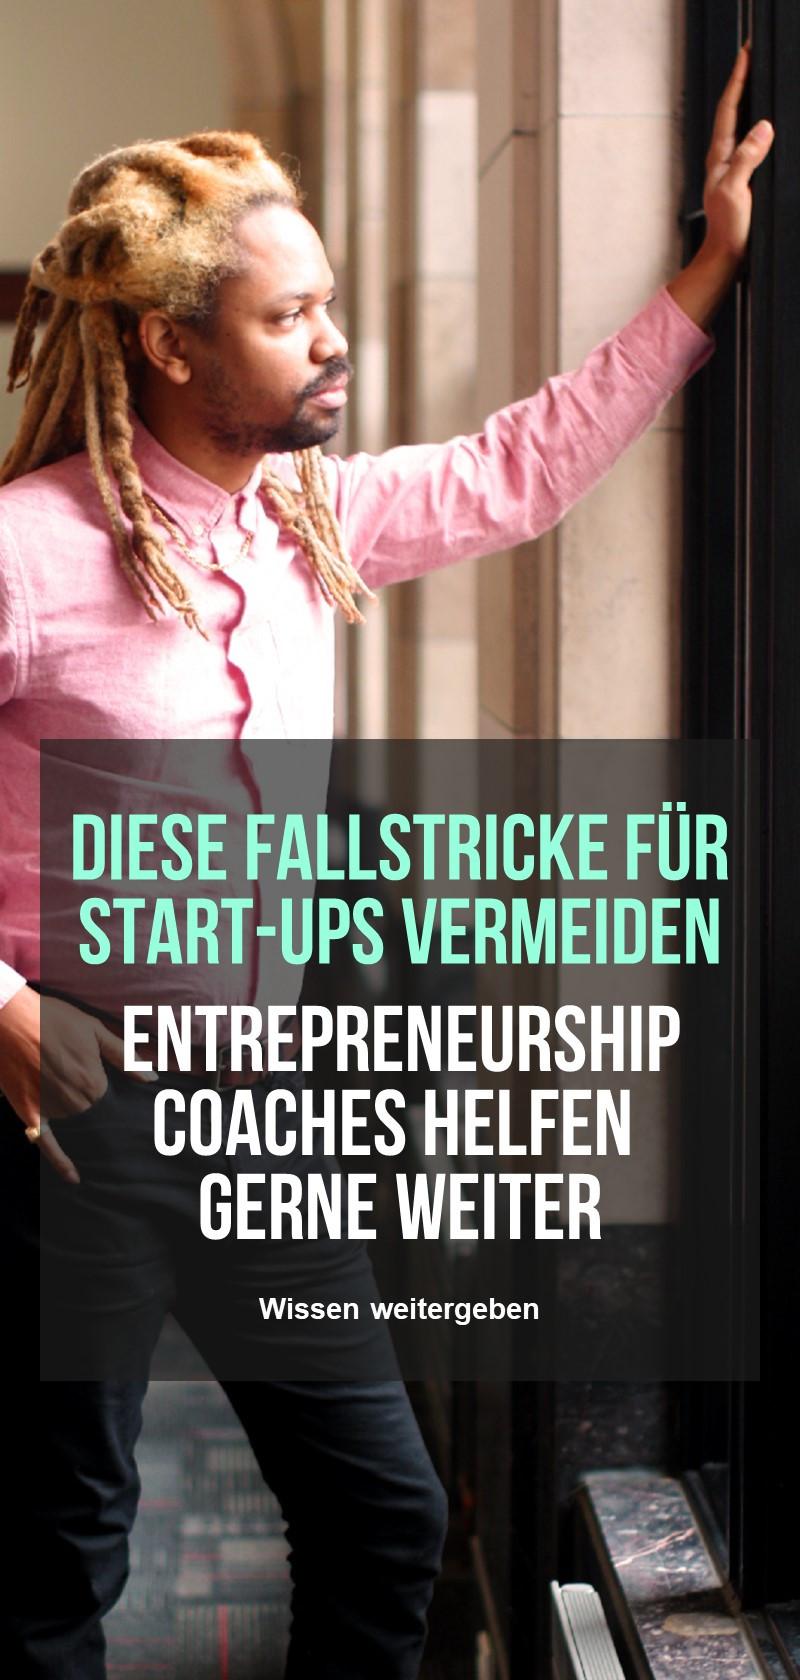 Unternehmertum Bildung & Fragen